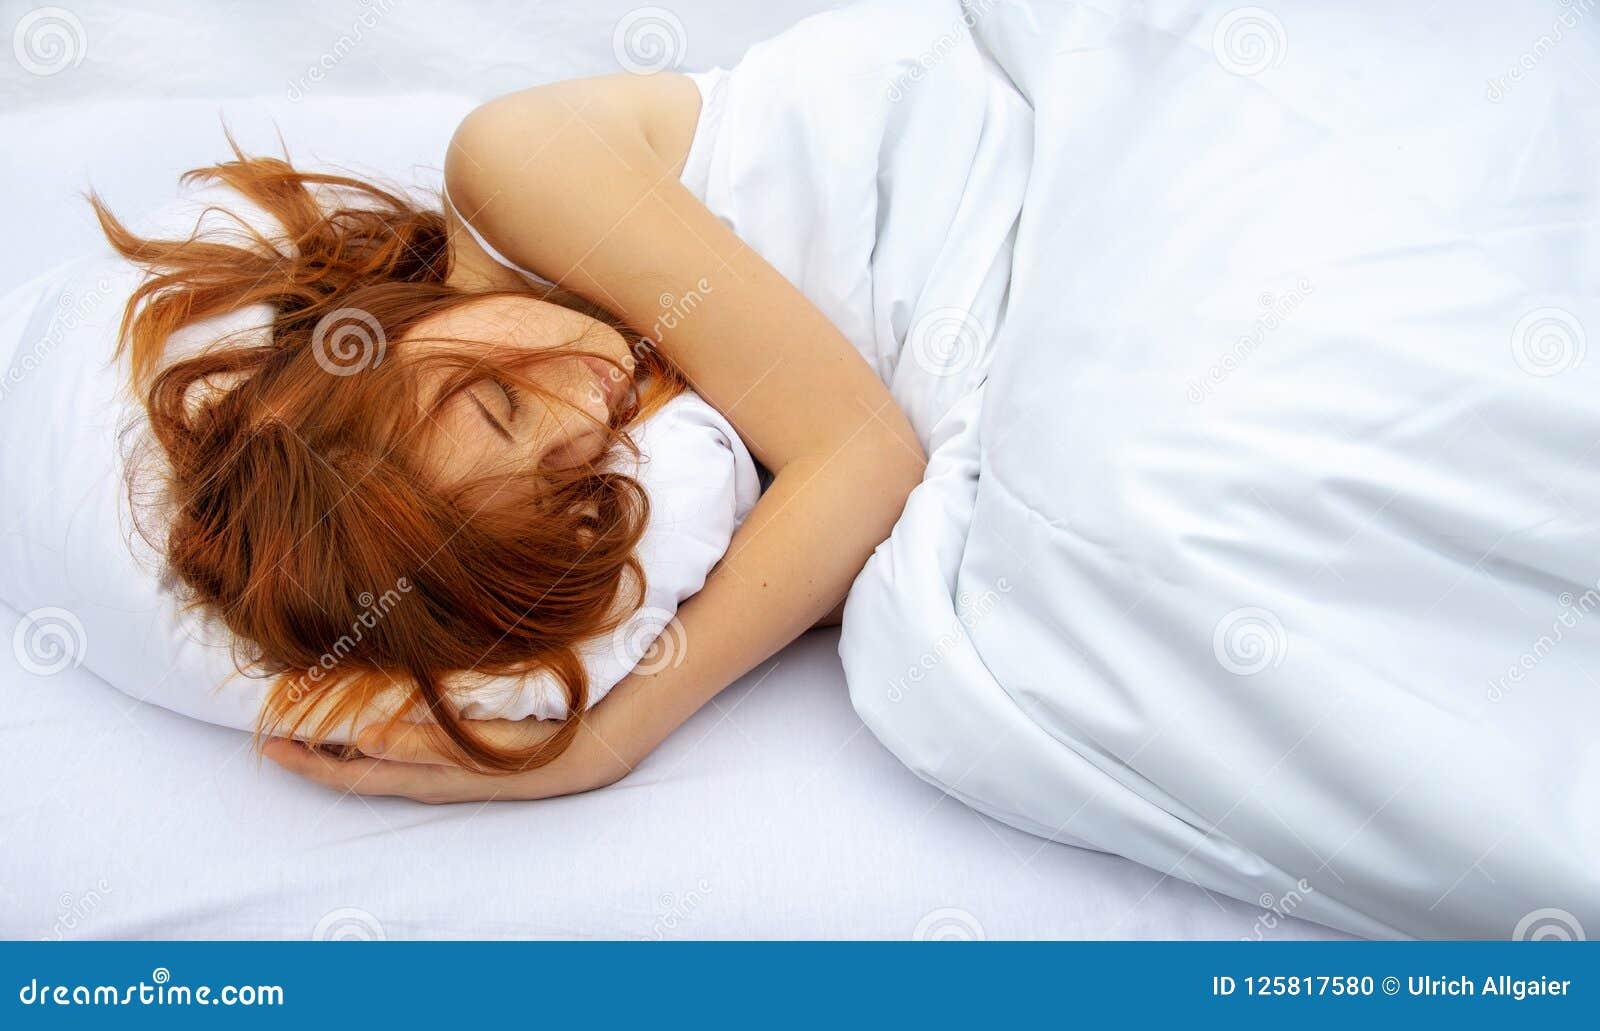 Τοπ άποψη της ελκυστικής, νέας, κοκκινομάλλους χαλάρωσης γυναικών στο κρεβάτι που αγκαλιάζει ένα μαλακό άσπρο μαξιλάρι, ύπνος